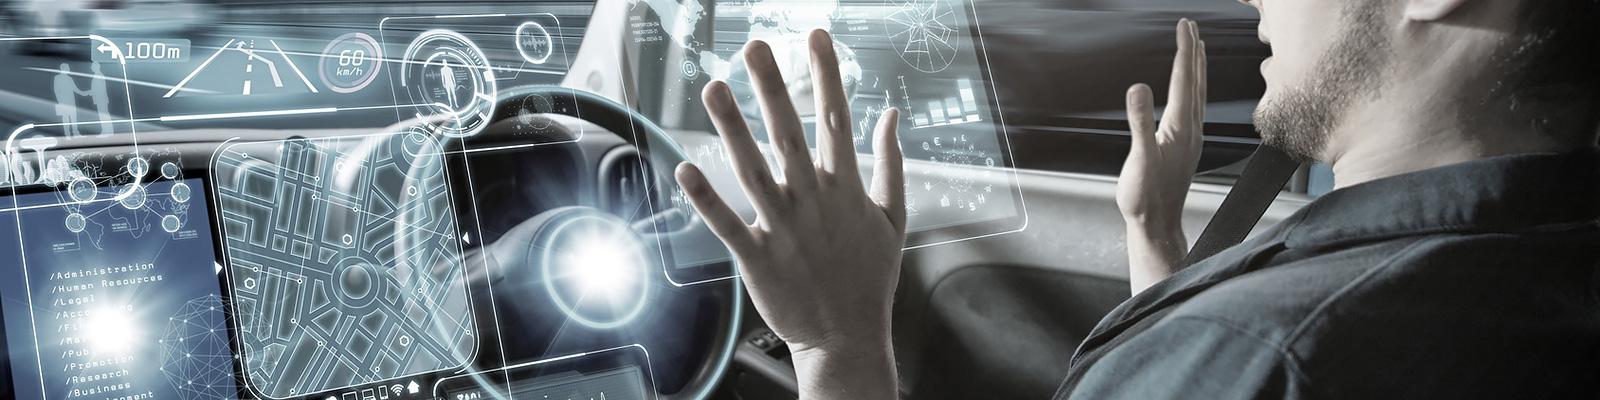 自動運転 未来 イメージ